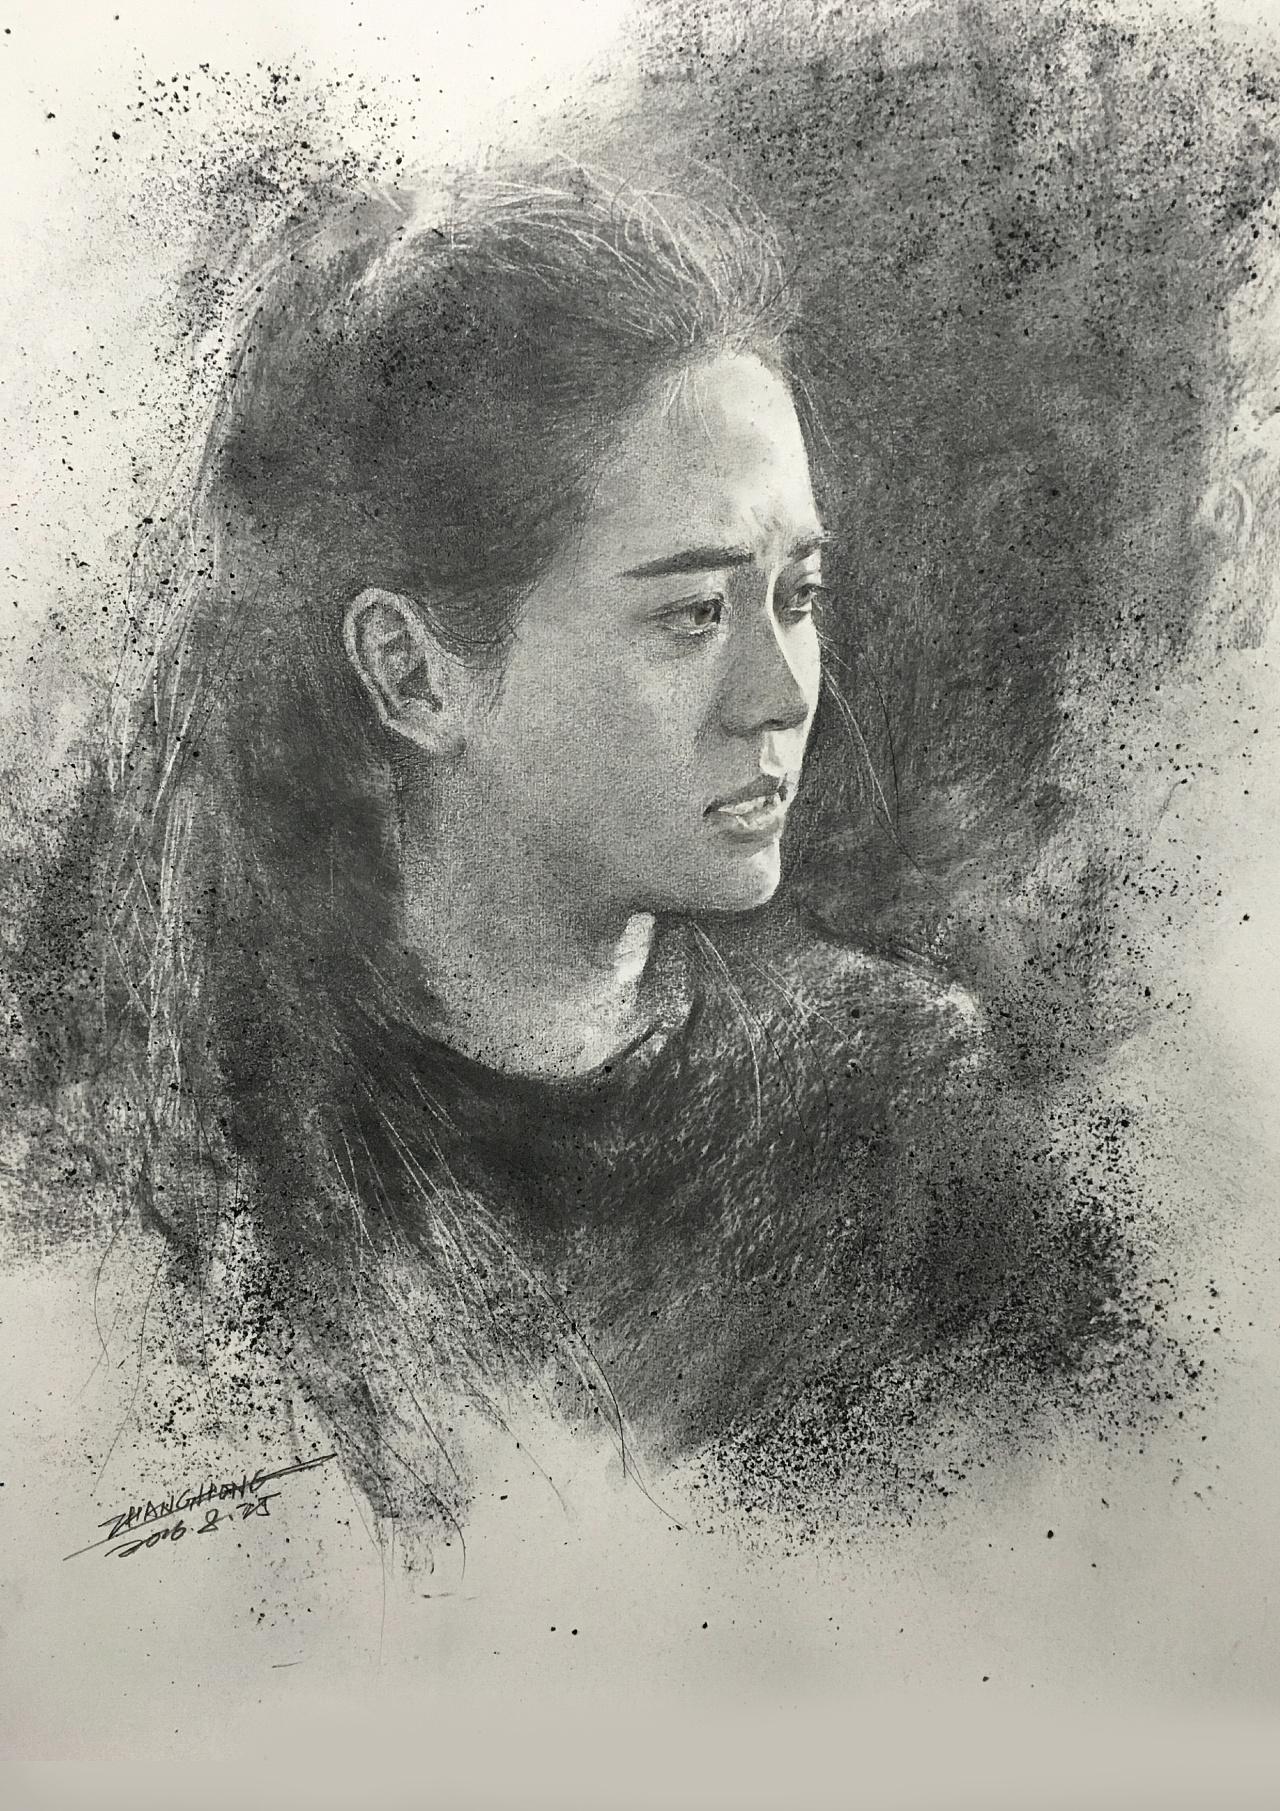 贵阳险峰艺术学院张洪素描|纯艺术|素描|贵州美